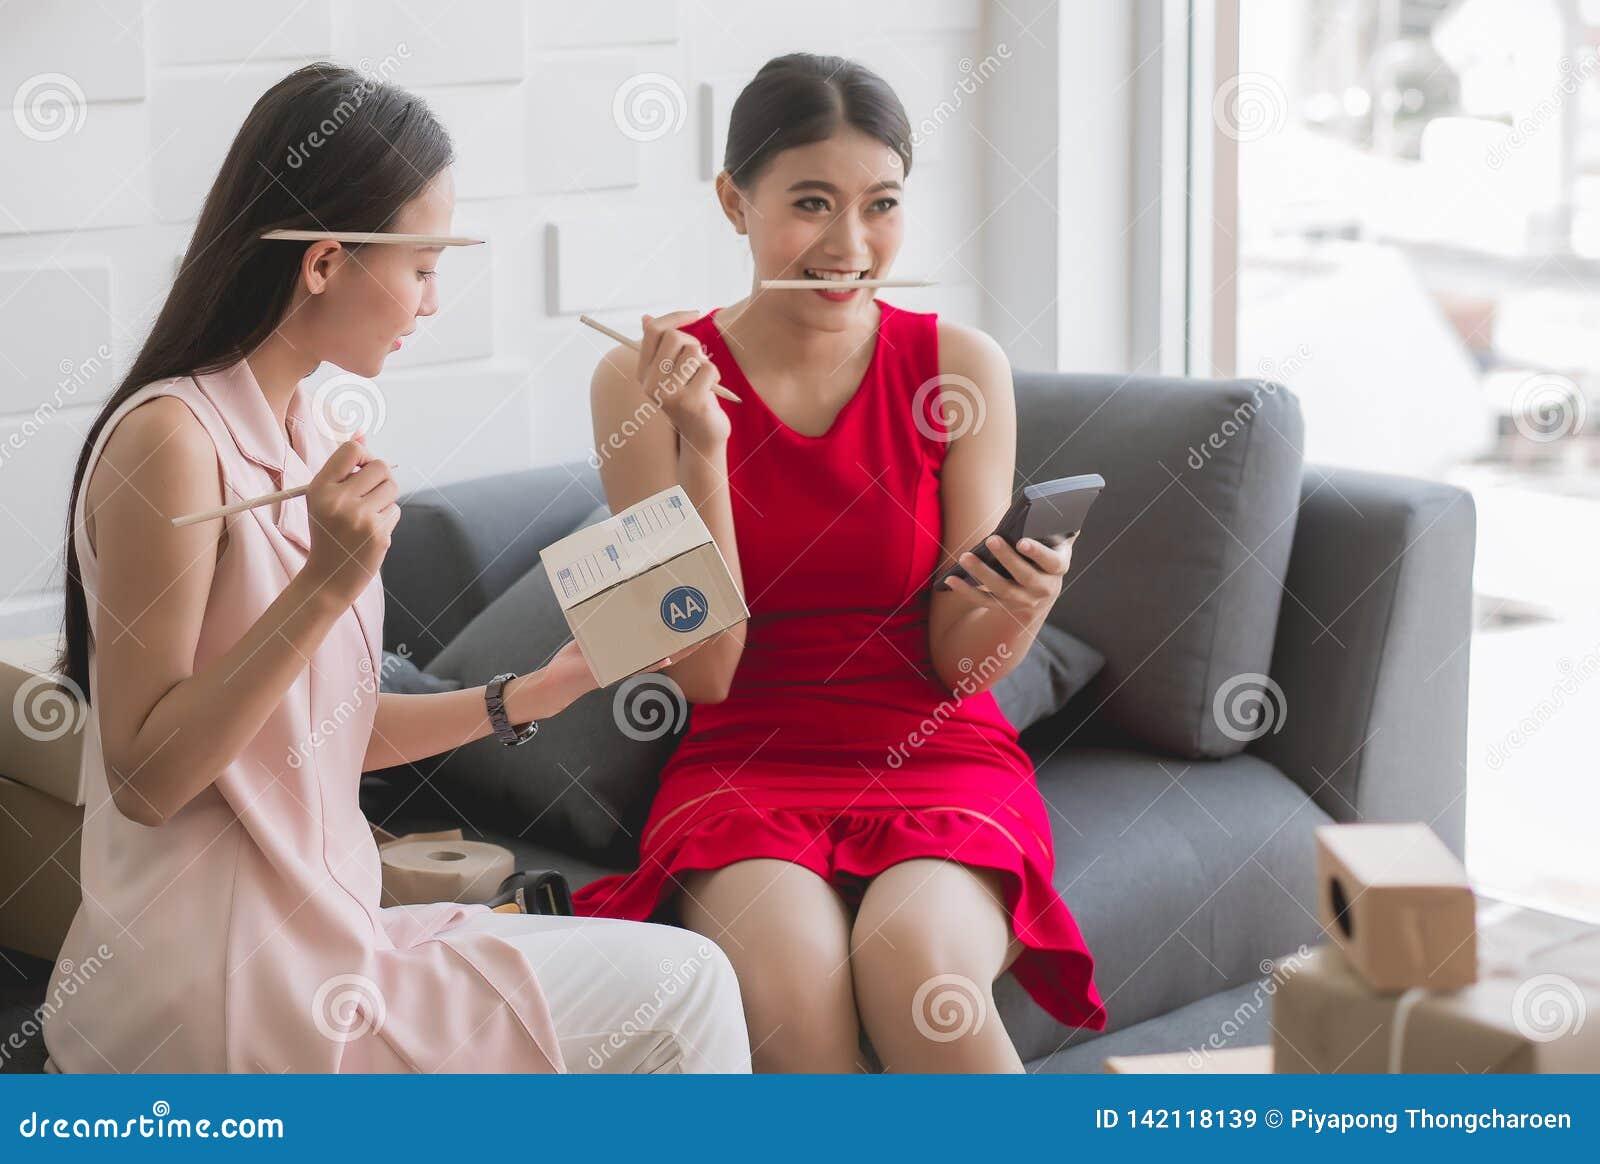 Ο ευτυχής ασιατικός ιδιοκτήτης γυναικών δύο που απασχολείται στο σπίτι στο γραφείο, γυναίκες δημιουργεί τη σε απευθείας σύνδεση,